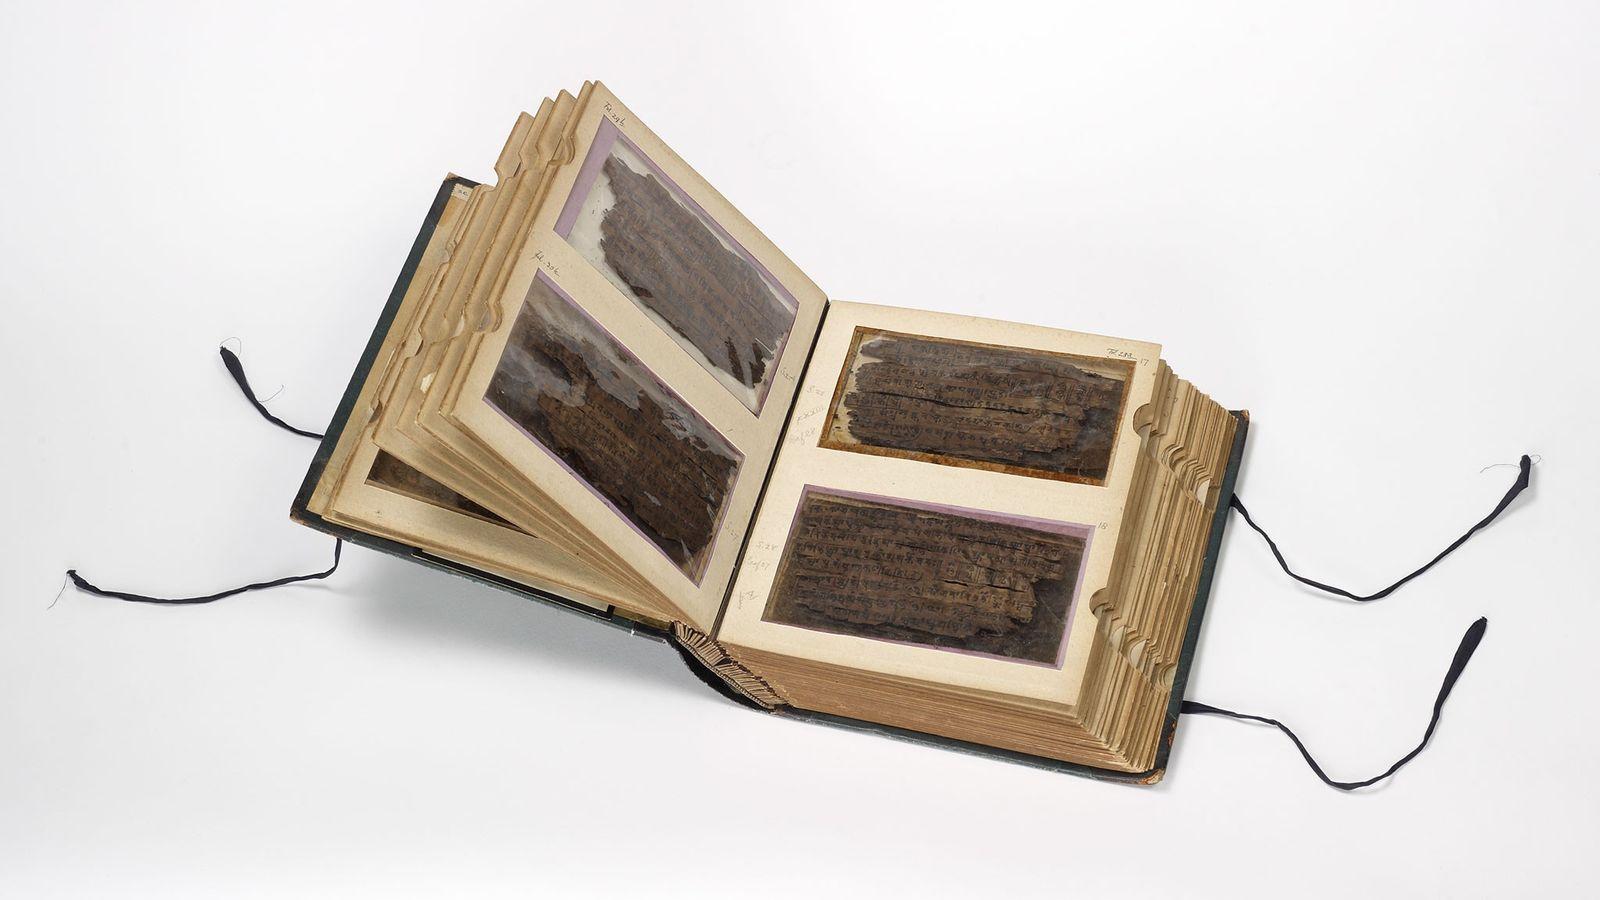 Die 70 Blätter aus Birkenrinde, aus denen das Bakhshali-Manuskript besteht, sind extrem zerbrechlich und werden in ...